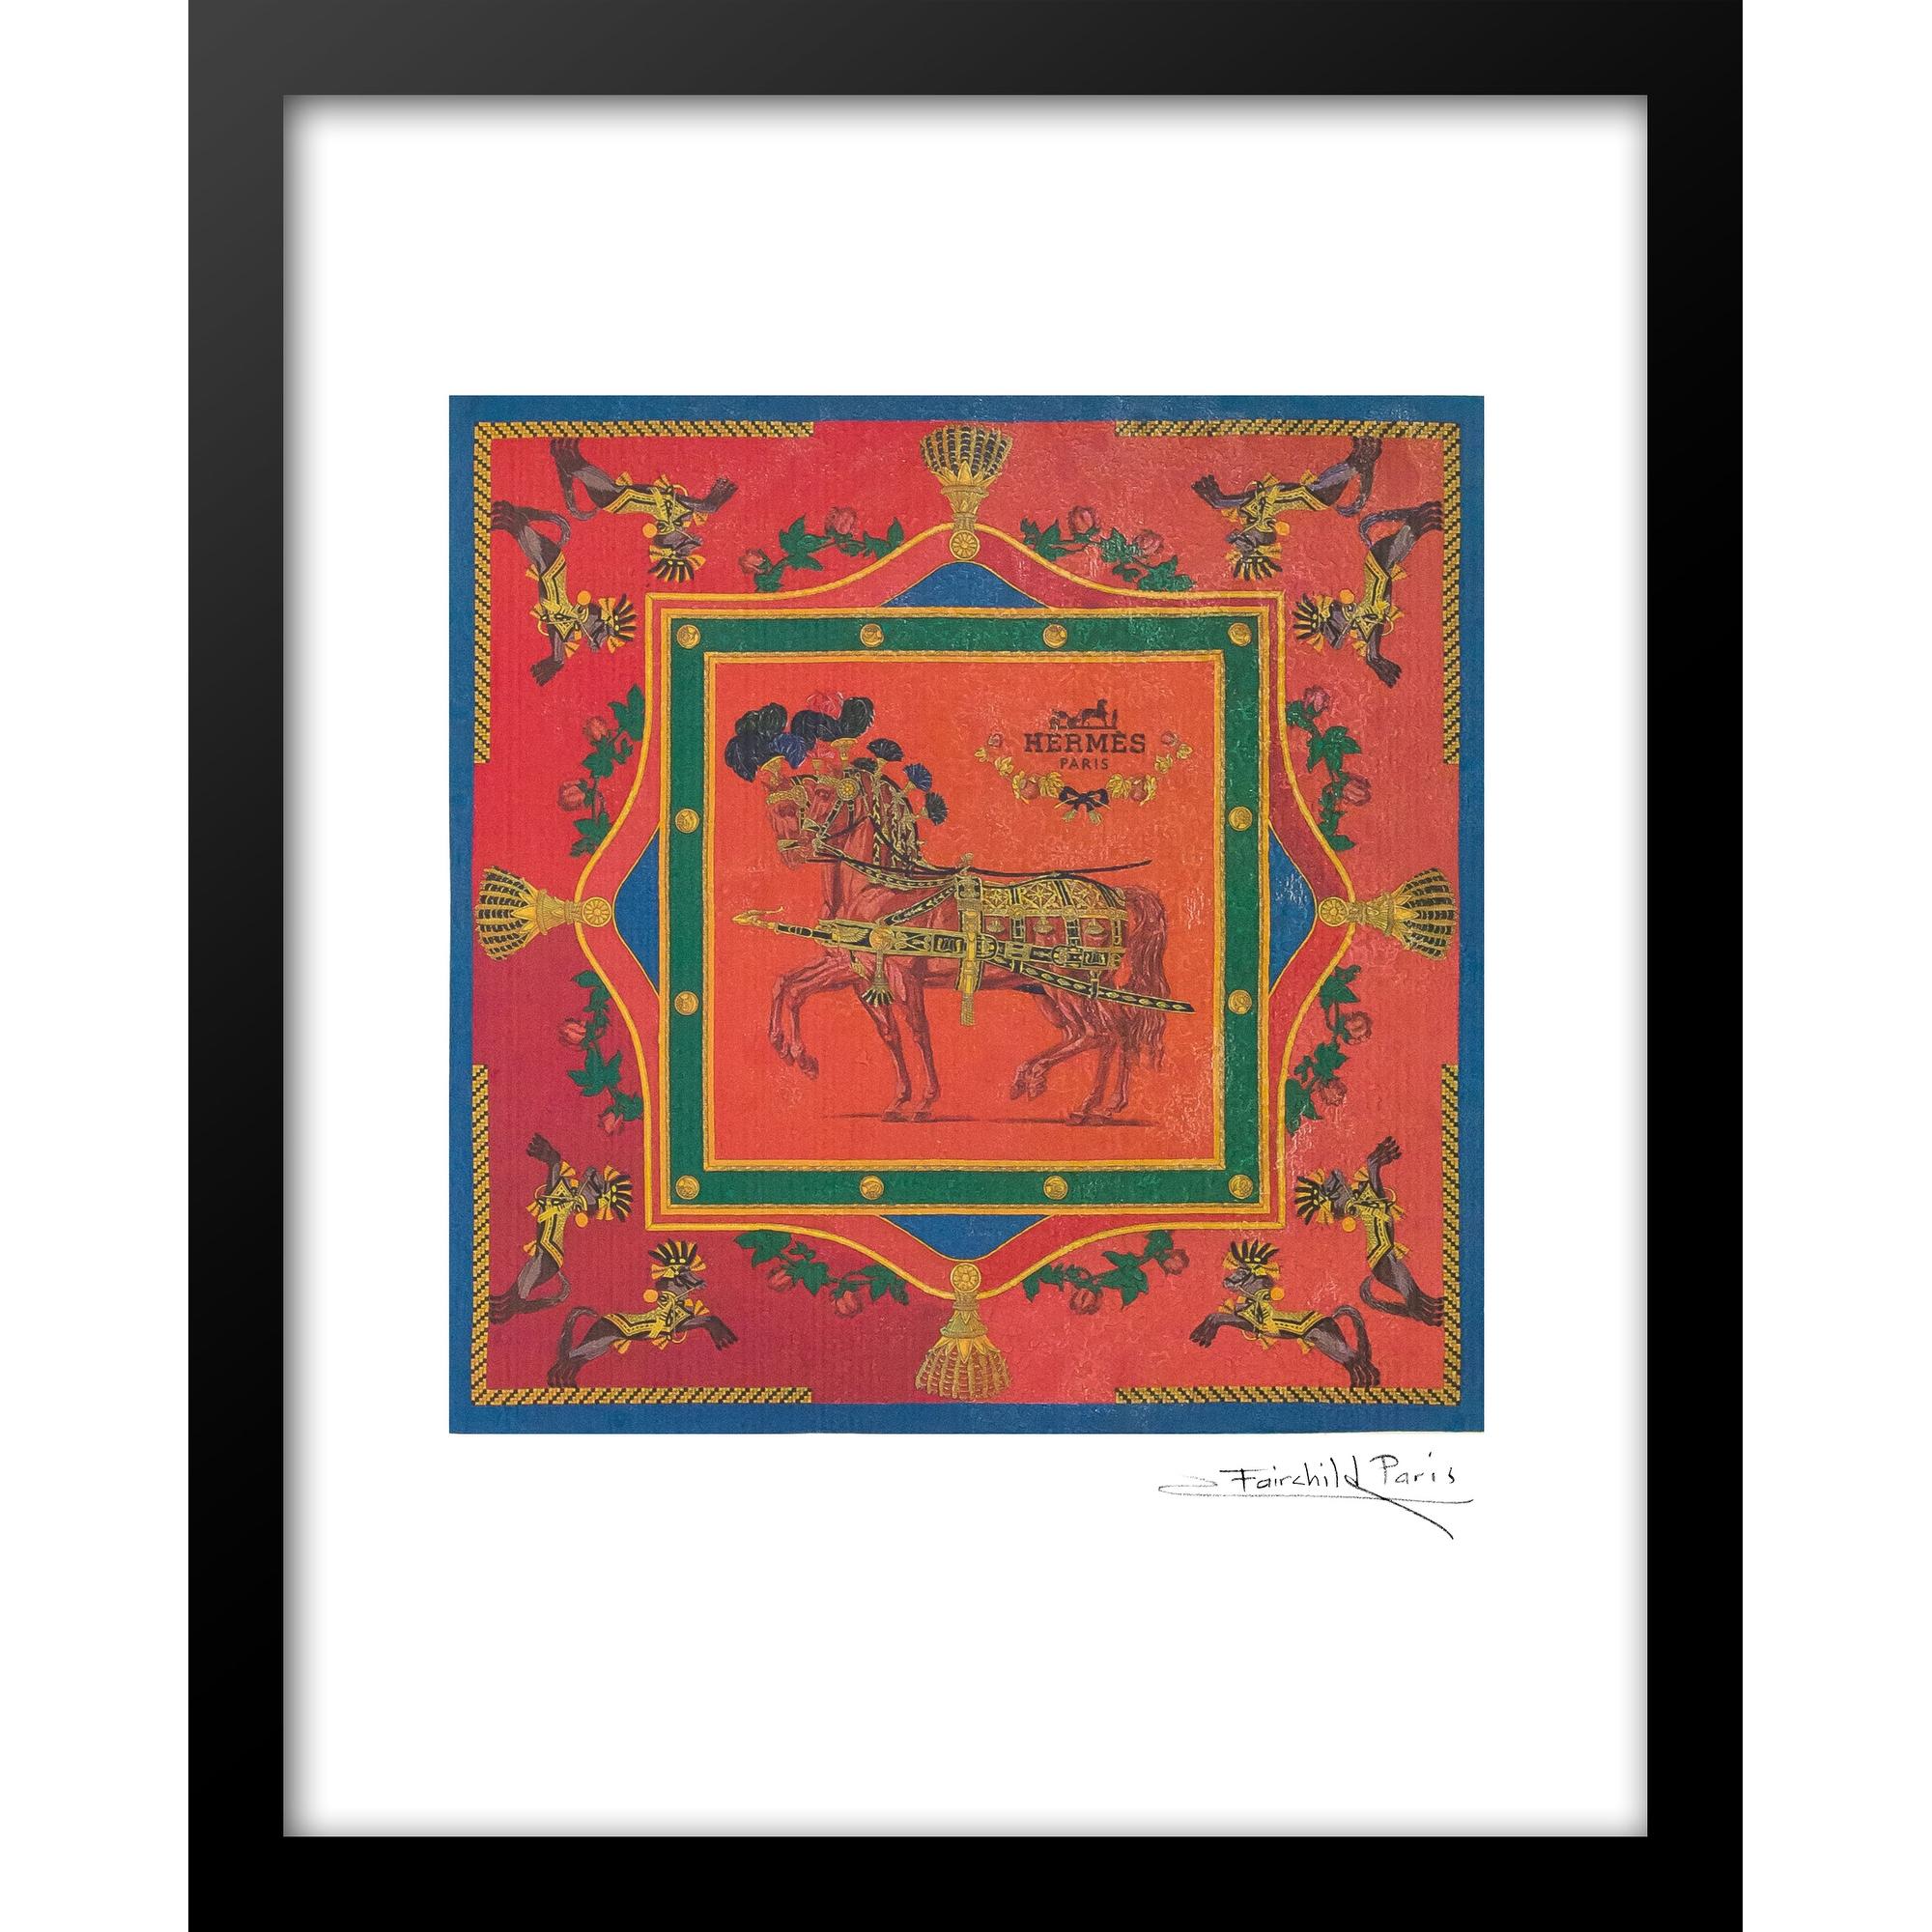 Fairchild Paris Hermes Horse Scarf Design Framed Wall Art 14 X 18 Overstock 32629969